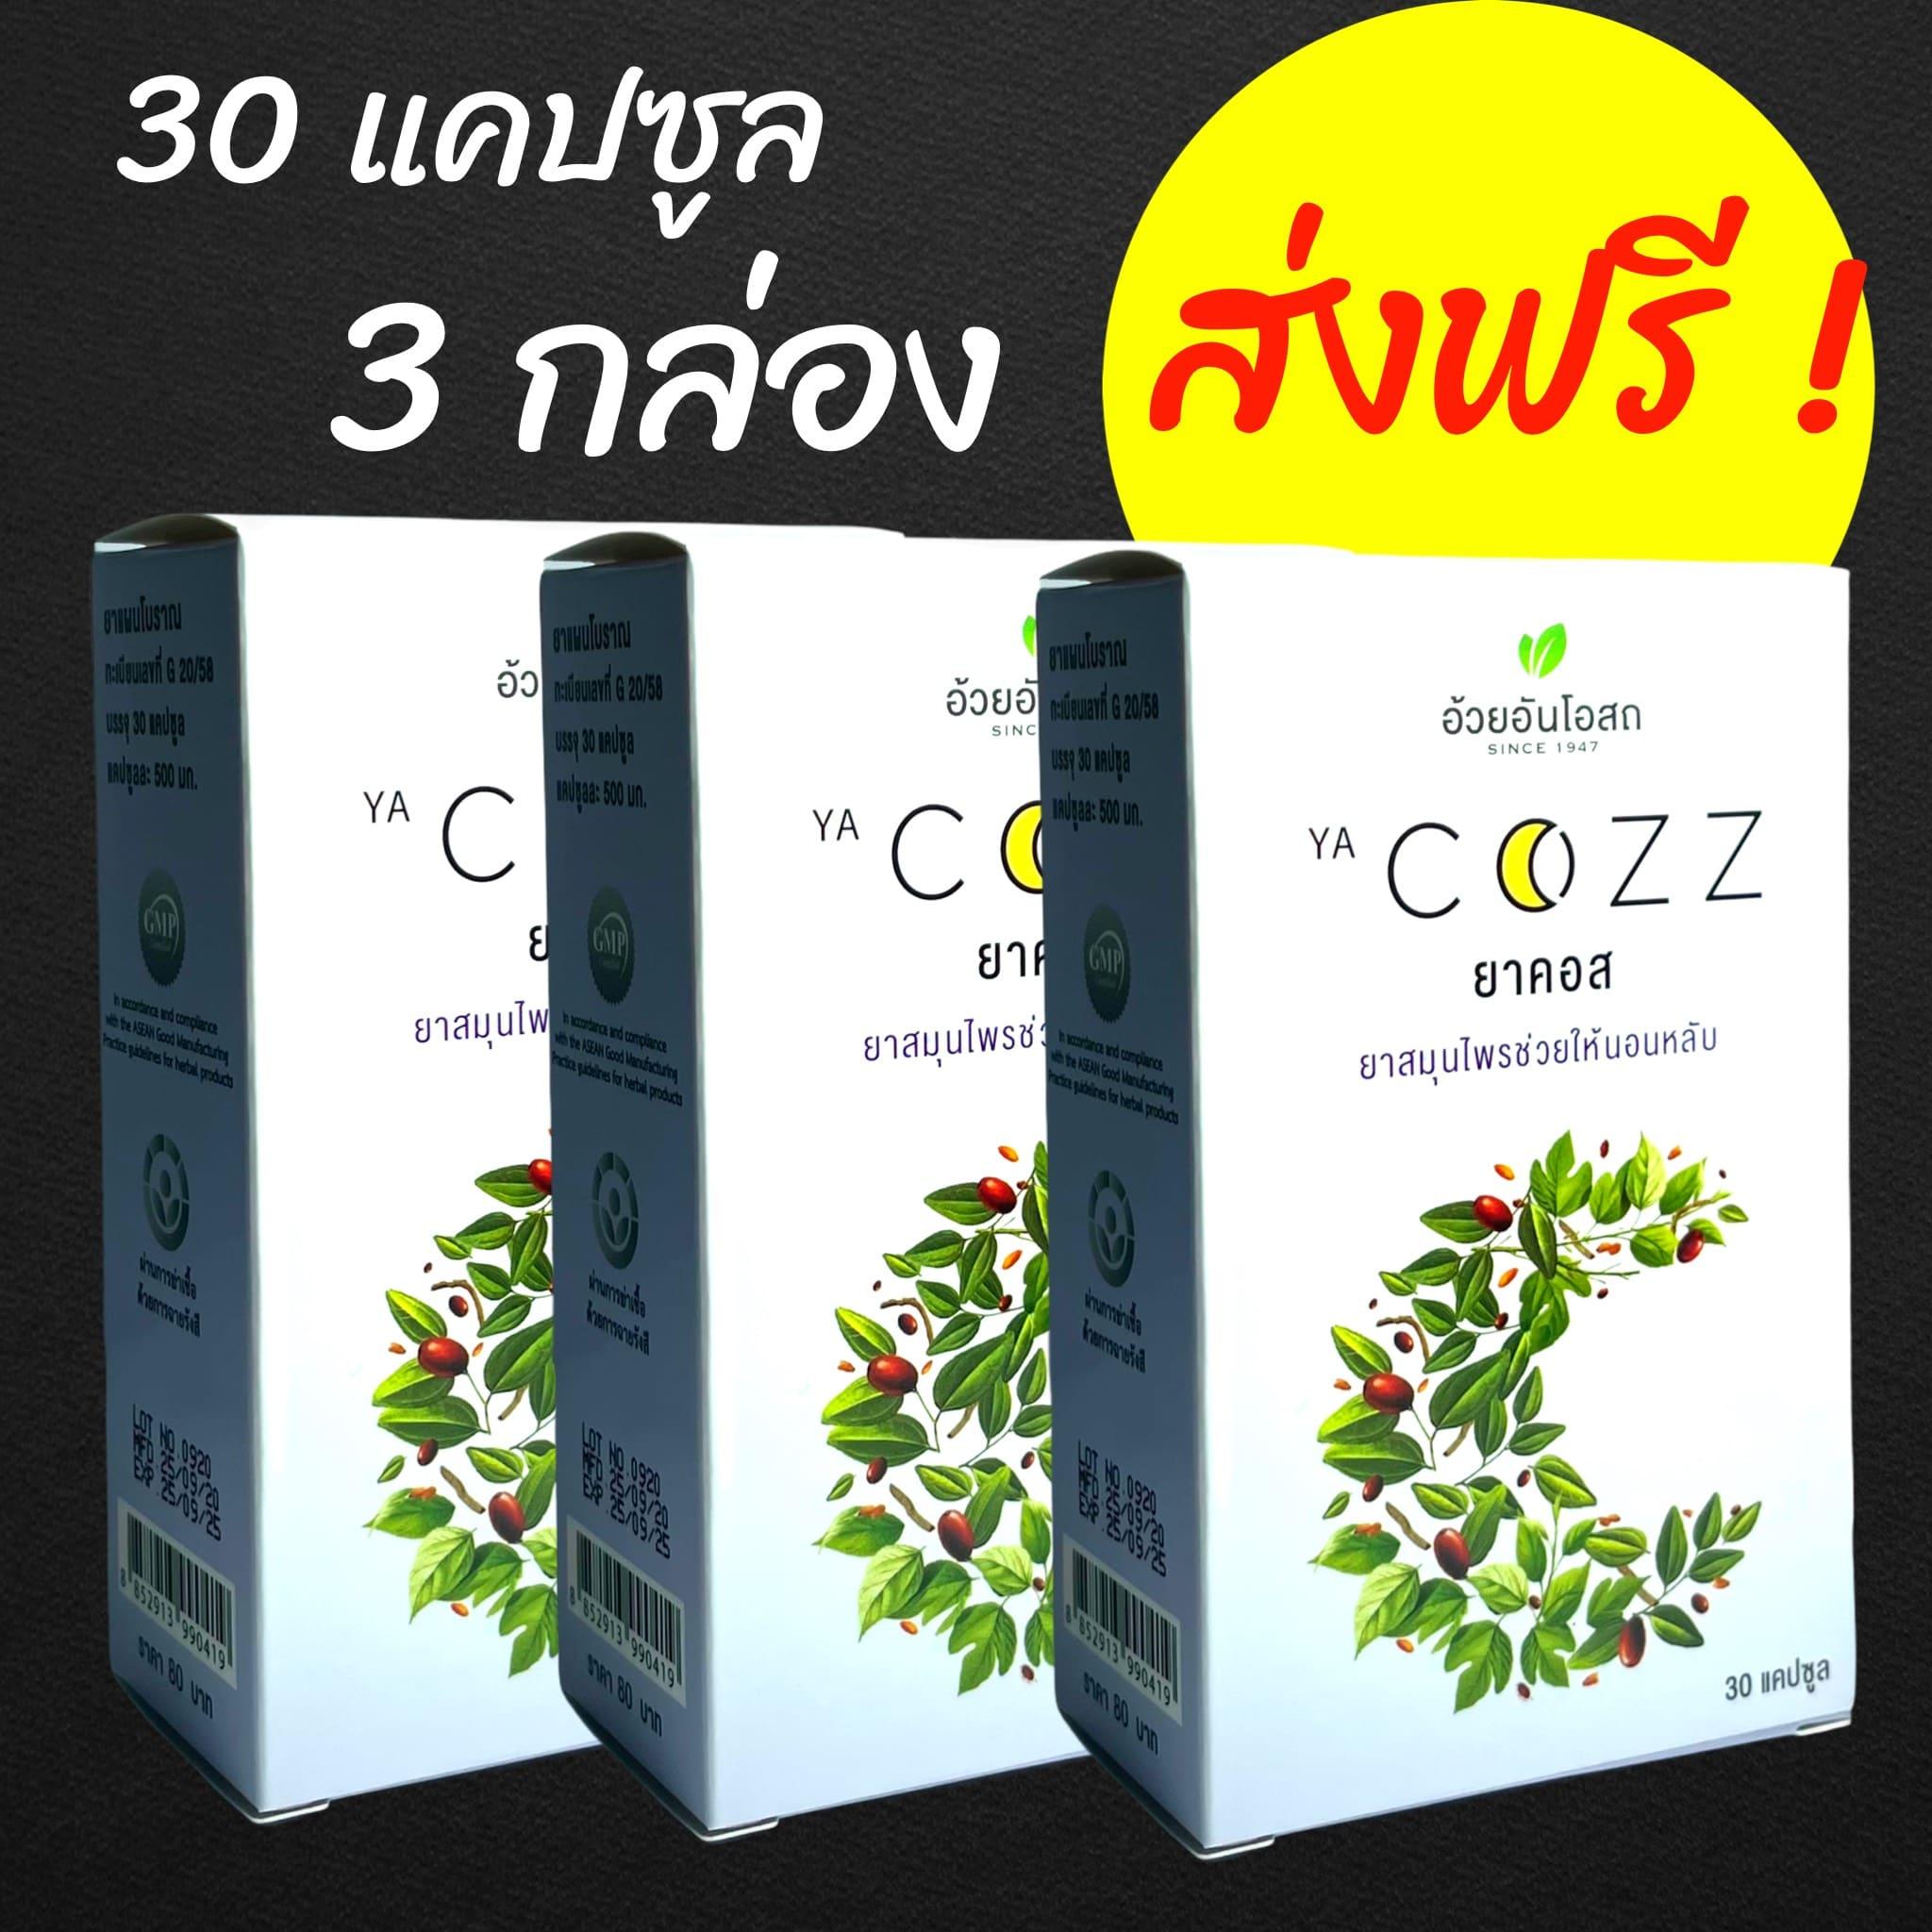 ยาคอส-cozz-สมุนไพรช่วยนอนหลับ